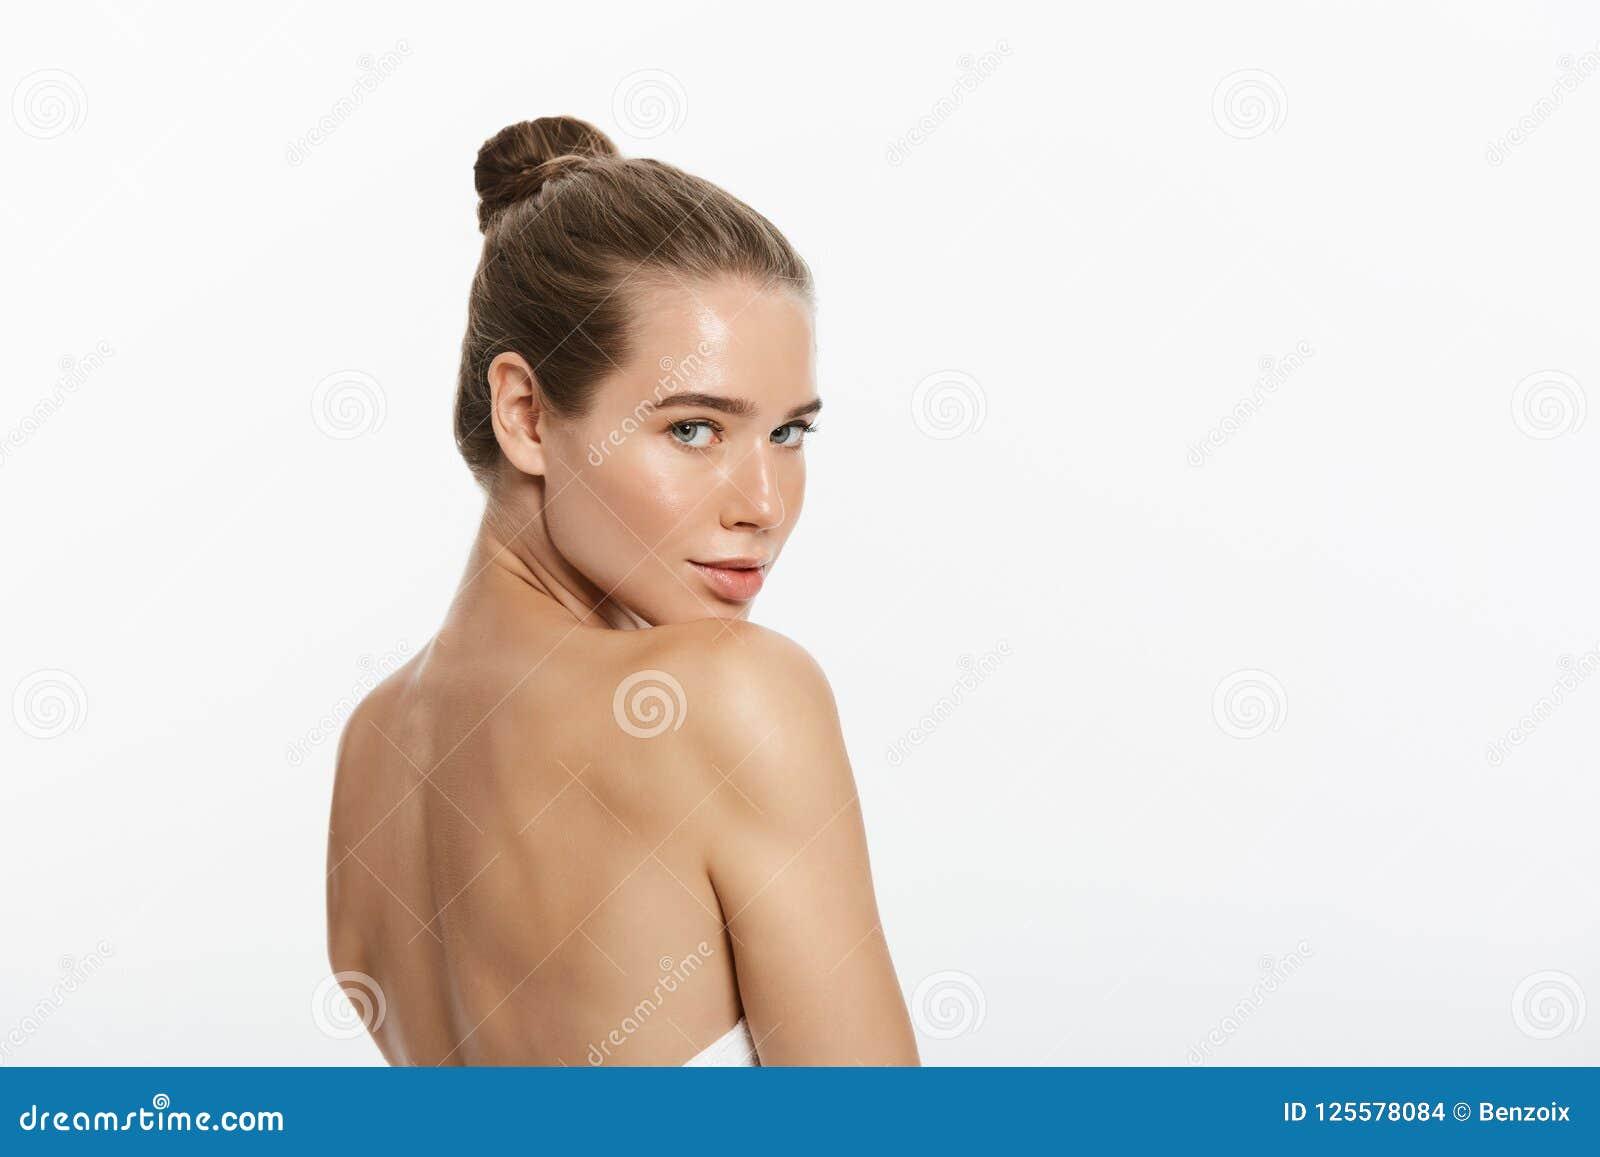 Η ομορφιά Makeup γυναικών, φυσικό πρόσωπο αποτελεί, φροντίδα δέρματος σώματος, όμορφο πρότυπο σχετικά με το πηγούνι λαιμών